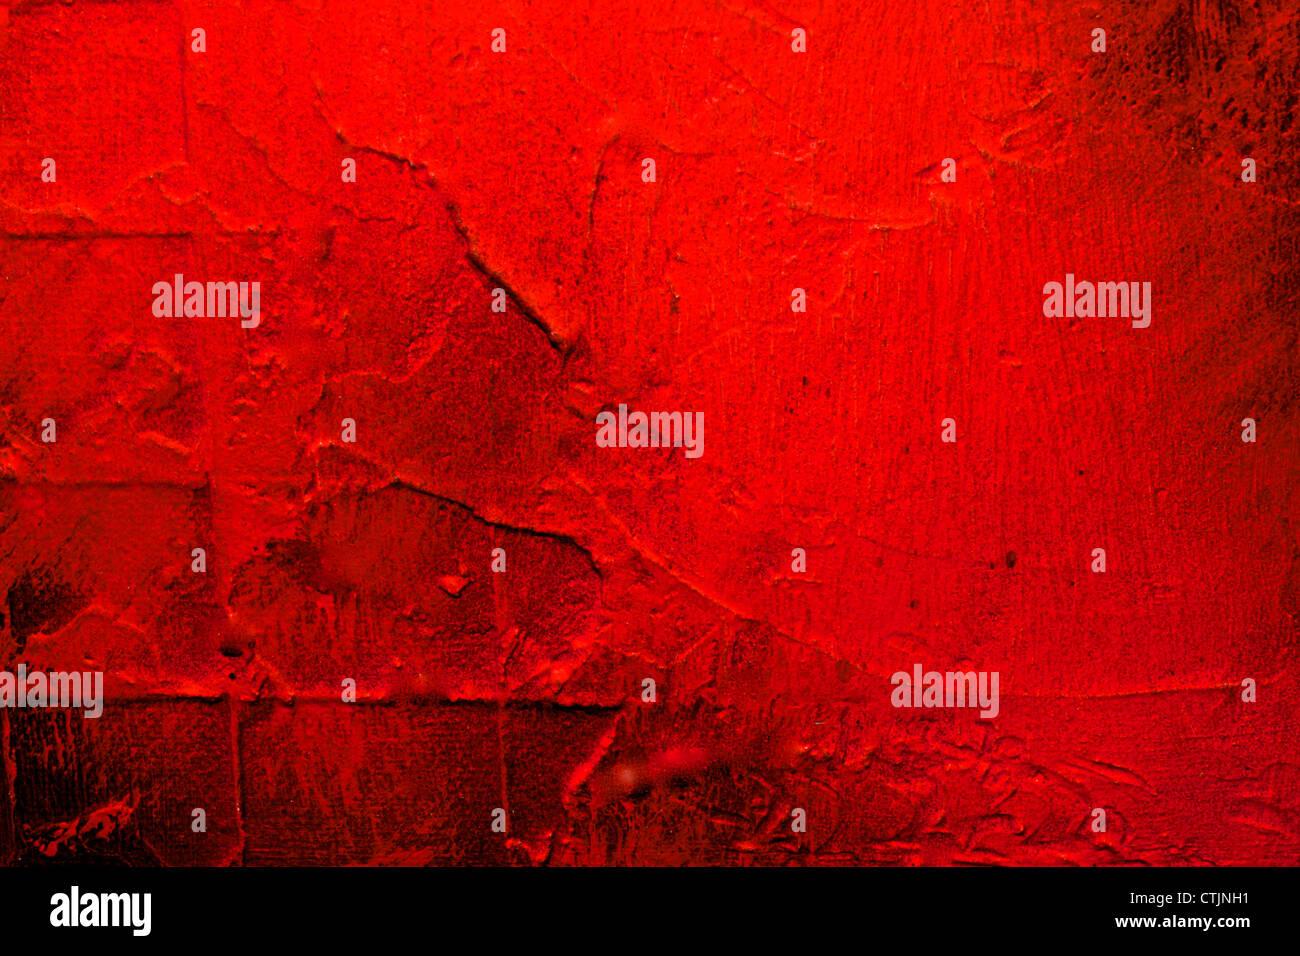 Fond rouge ou cadre avec beaucoup de texture et de détail Photo Stock